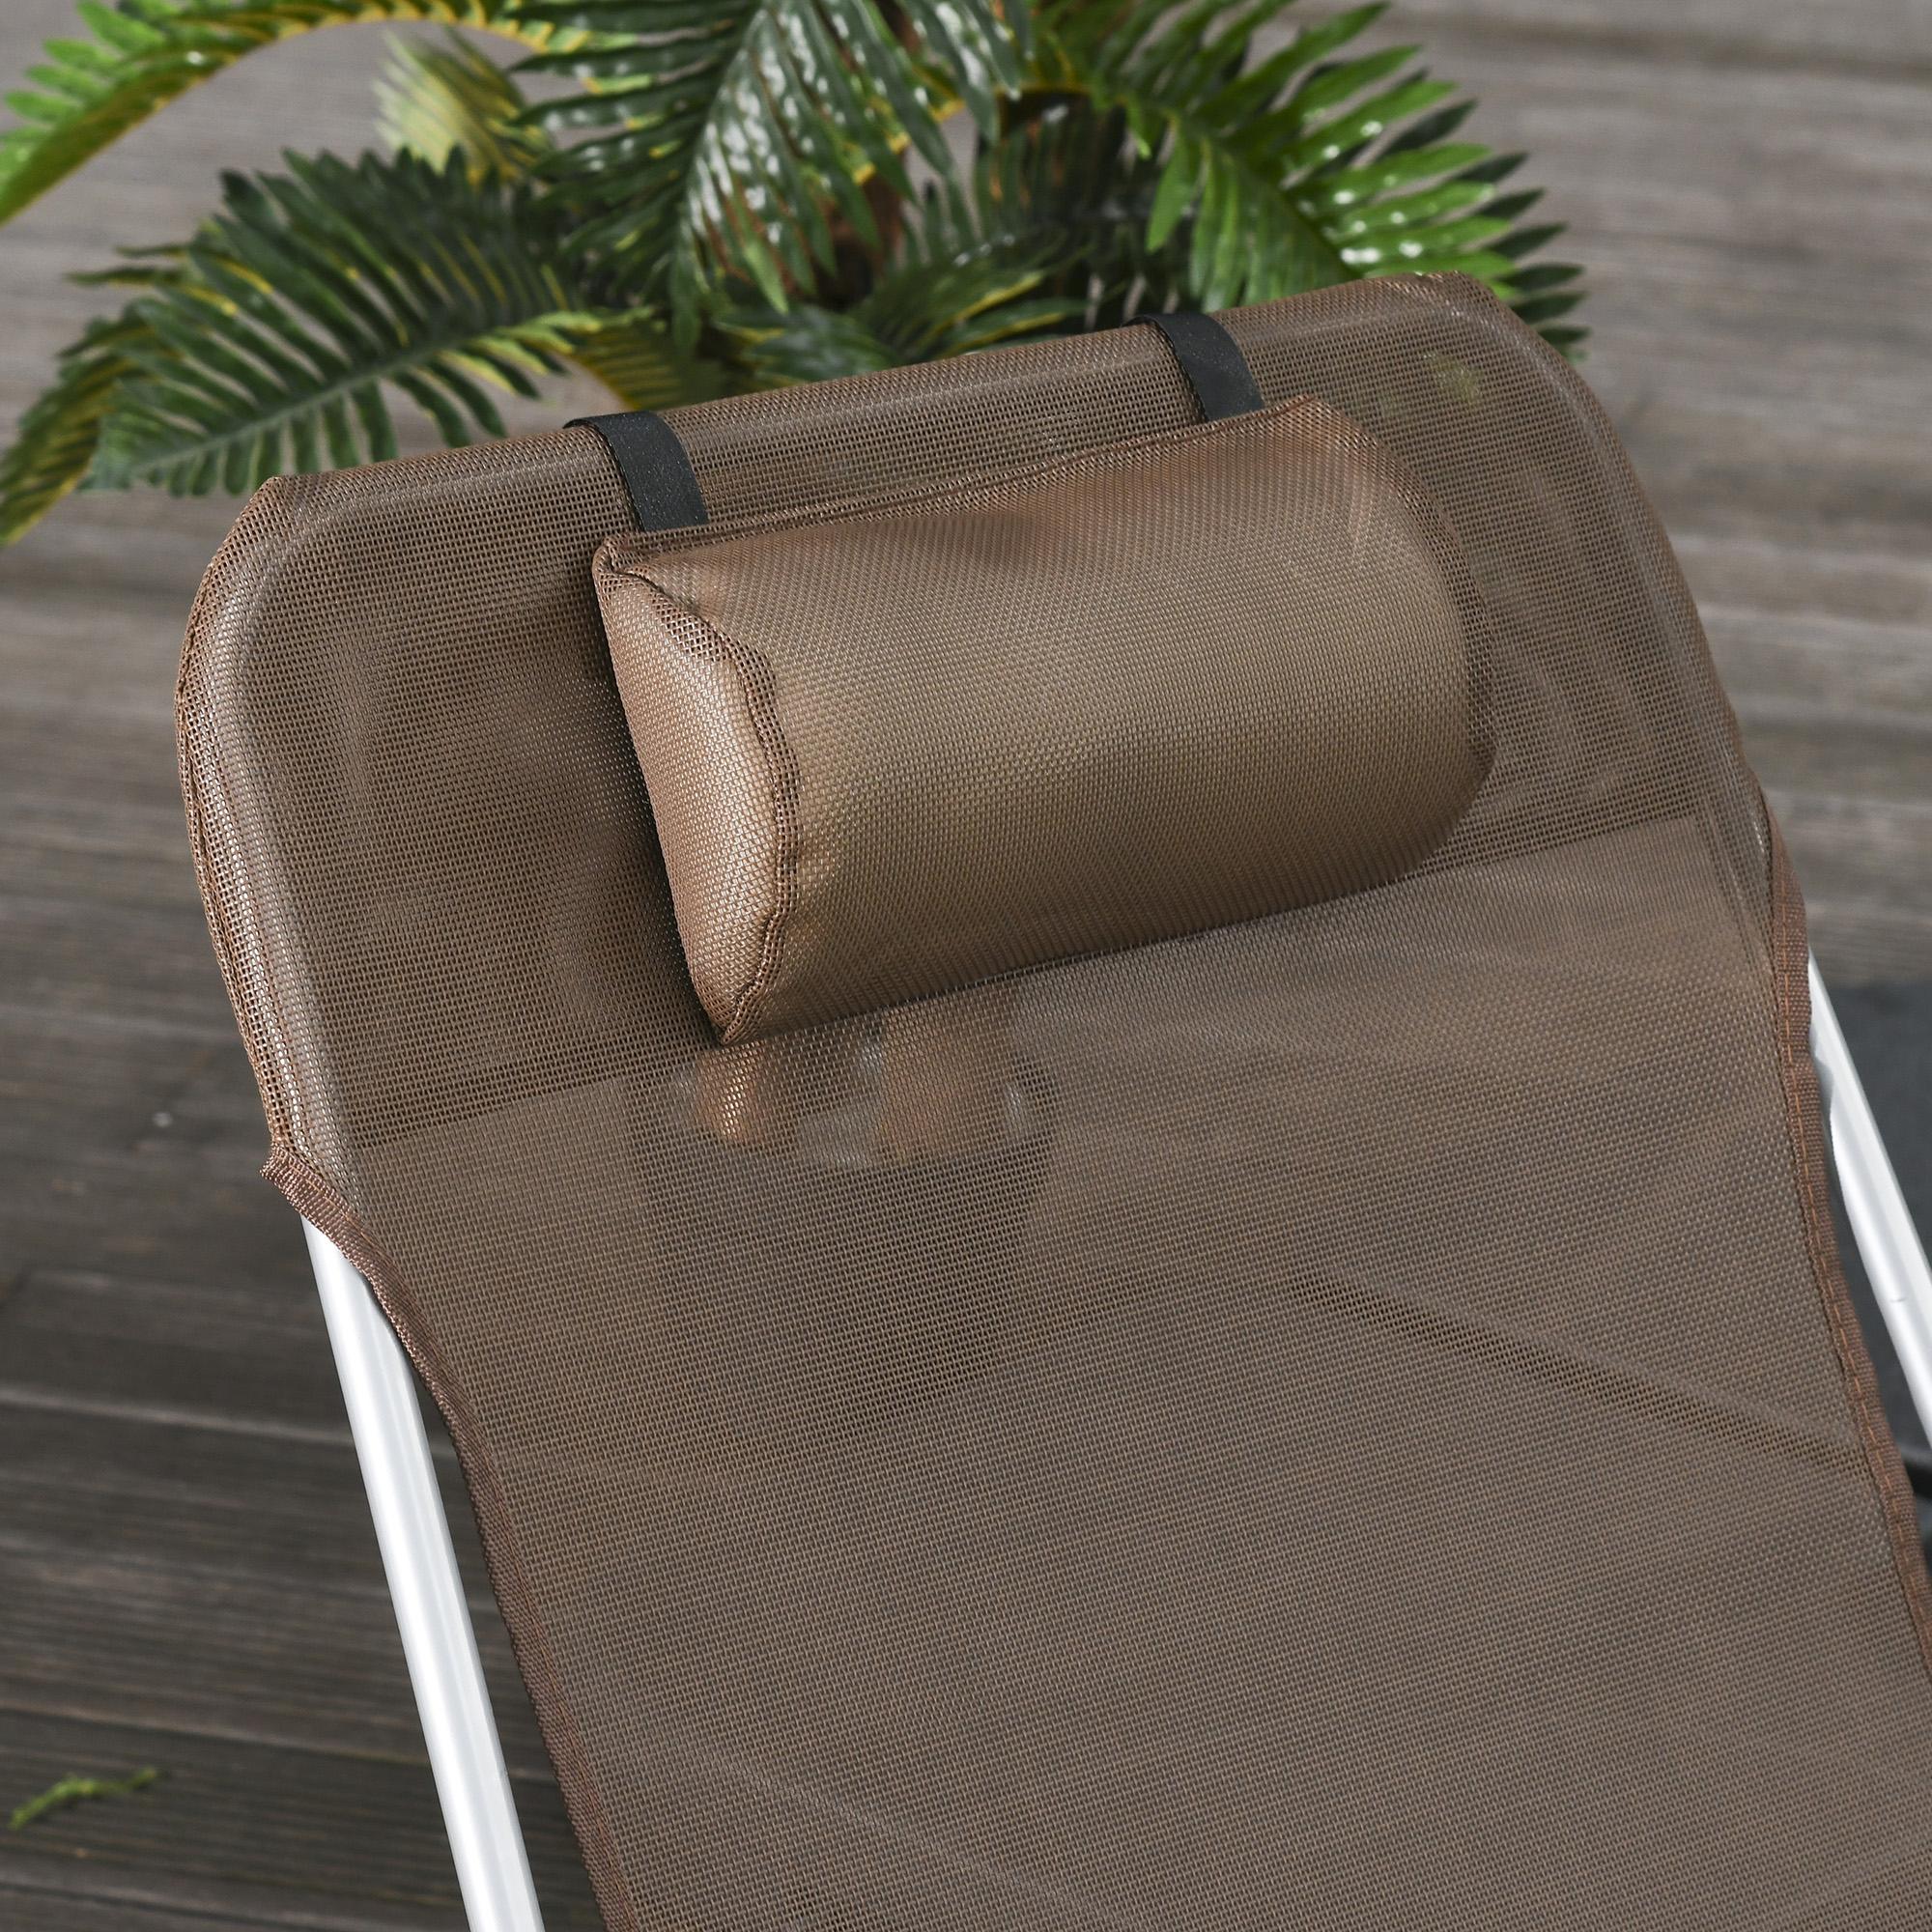 miniatura 14 - Tumbona Plegable y Reclinable con Reposacabezas y Respaldo Ajustable COLOR